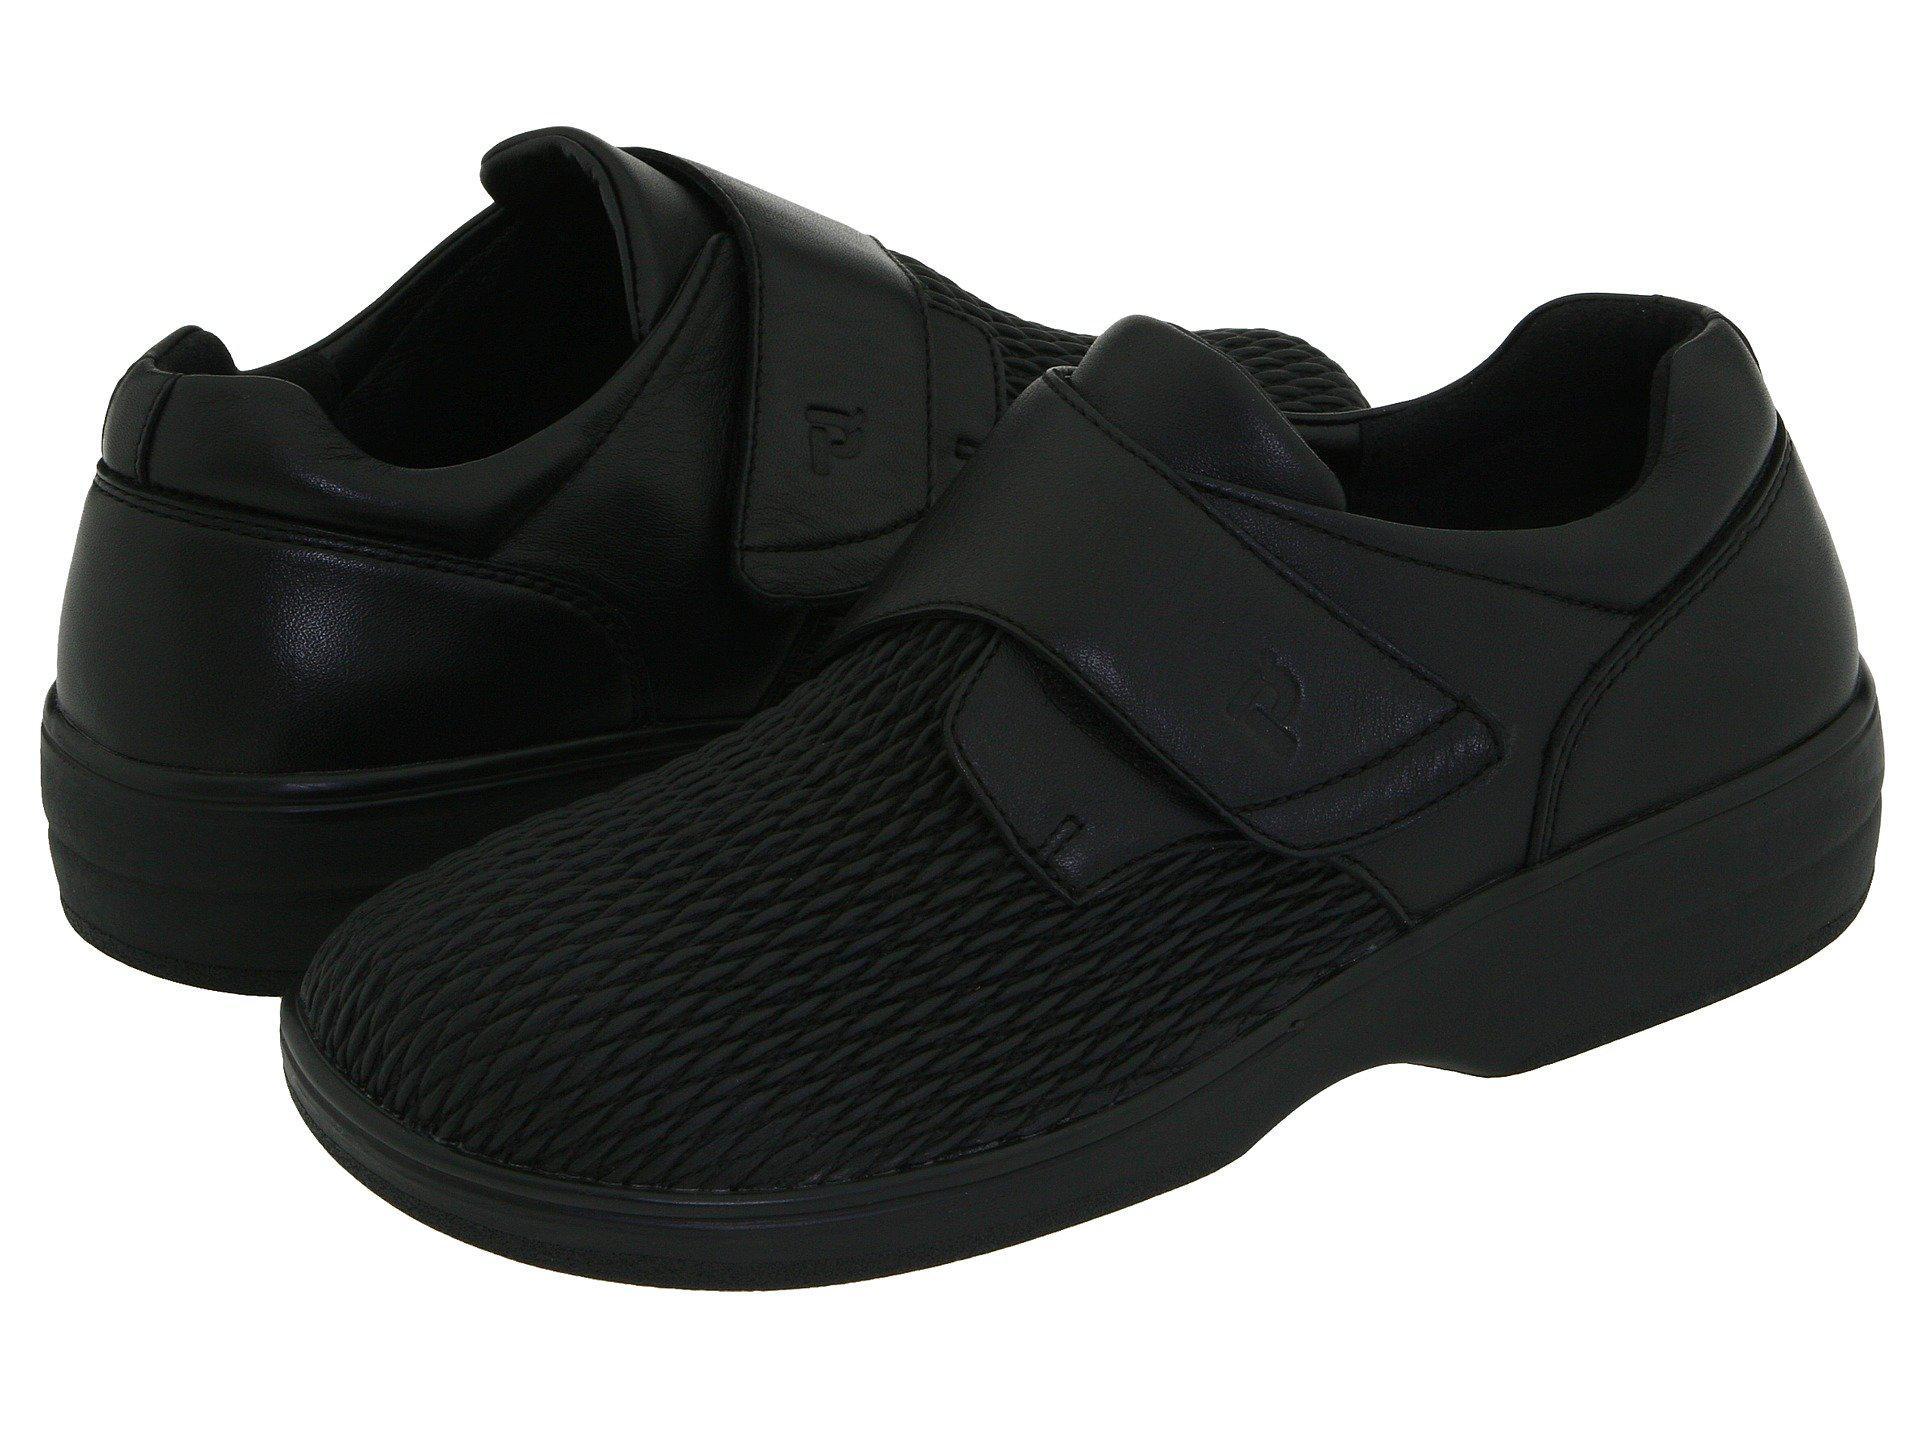 Code Propetolivia Assurance-maladie / Hcpcs = Chaussure Diabétique A5500 Vente Pas Cher remise fQyic0Bw4